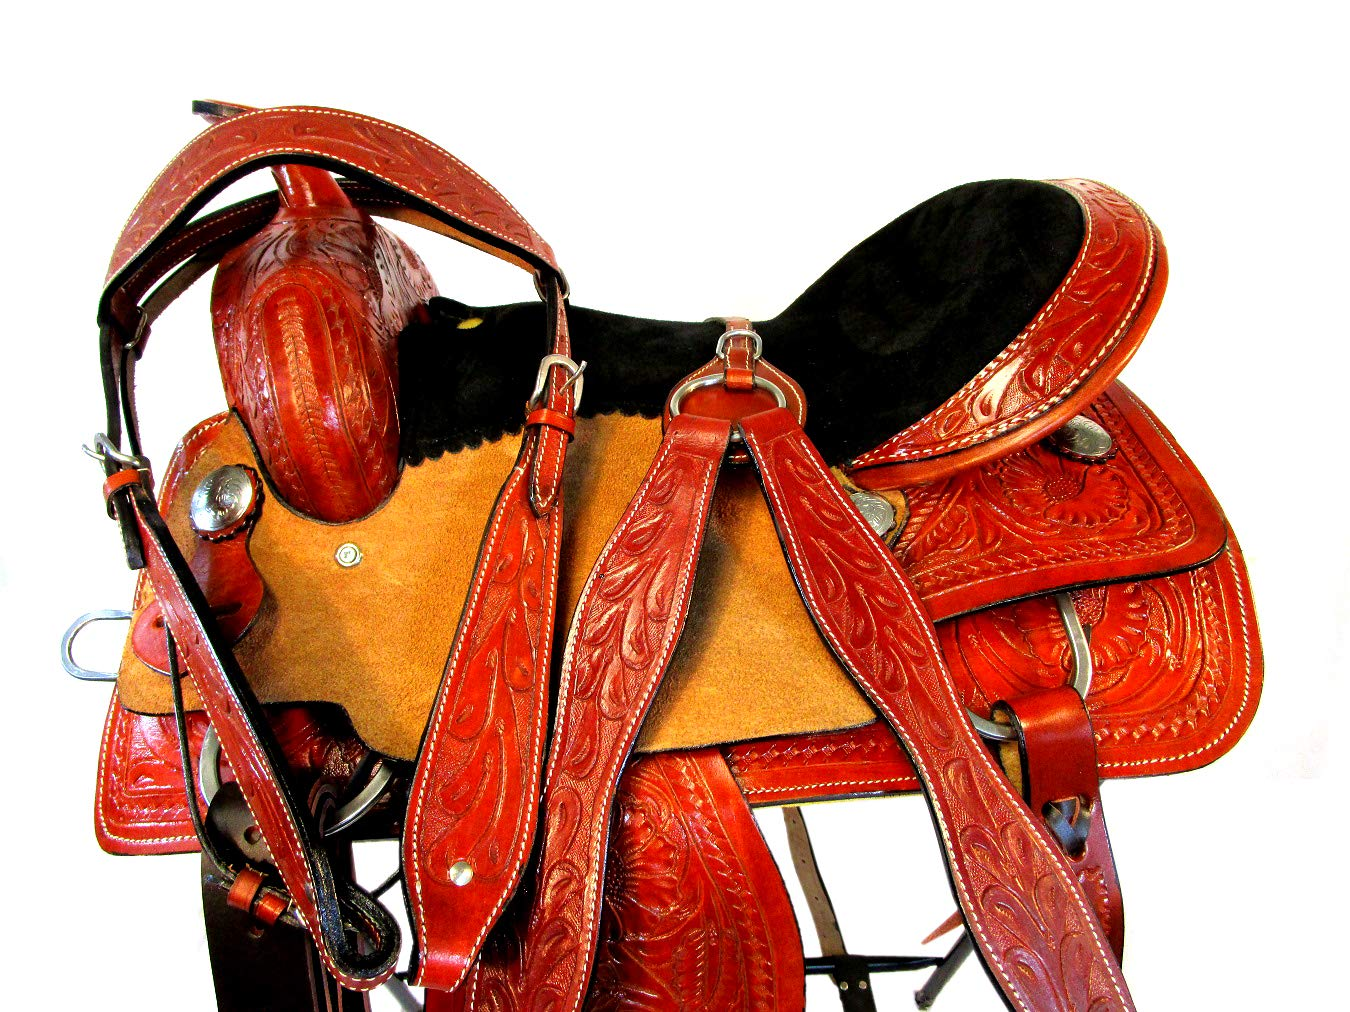 PRO Western Pleasure Trail 15 16 Trail 17 16 Inch バレルレーシングレザーイベント 馬サドルタック B07NPXG83Q Parent 16 Inch, 粋な着こなし:cfd8eeaf --- m2cweb.com